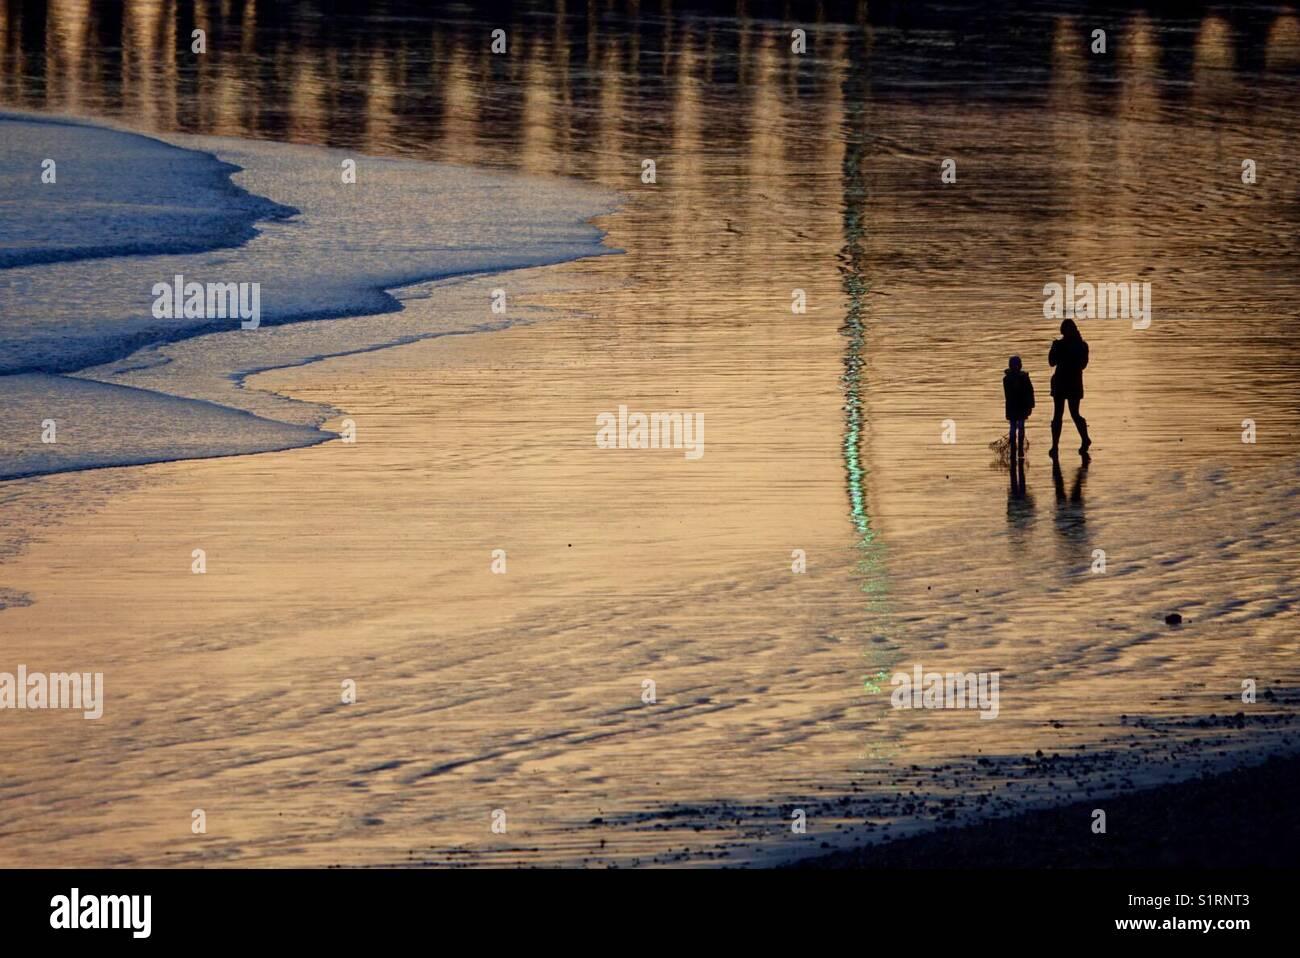 La luce del tramonto a Newhaven East Beach Immagini Stock